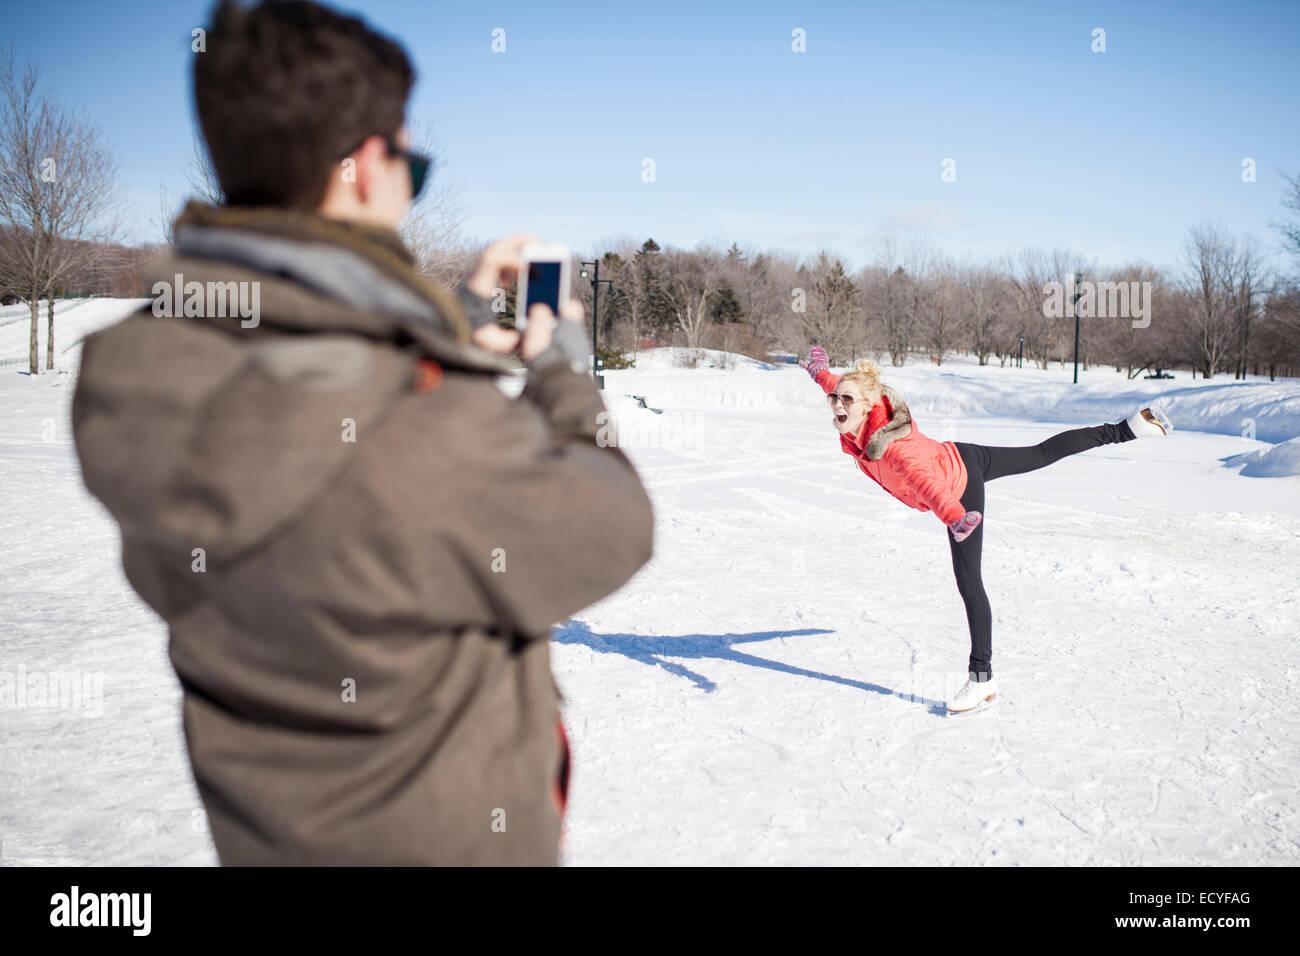 Kaukasischen Mann unter Bild der Freundin Eislaufen auf dem zugefrorenen See Stockfoto